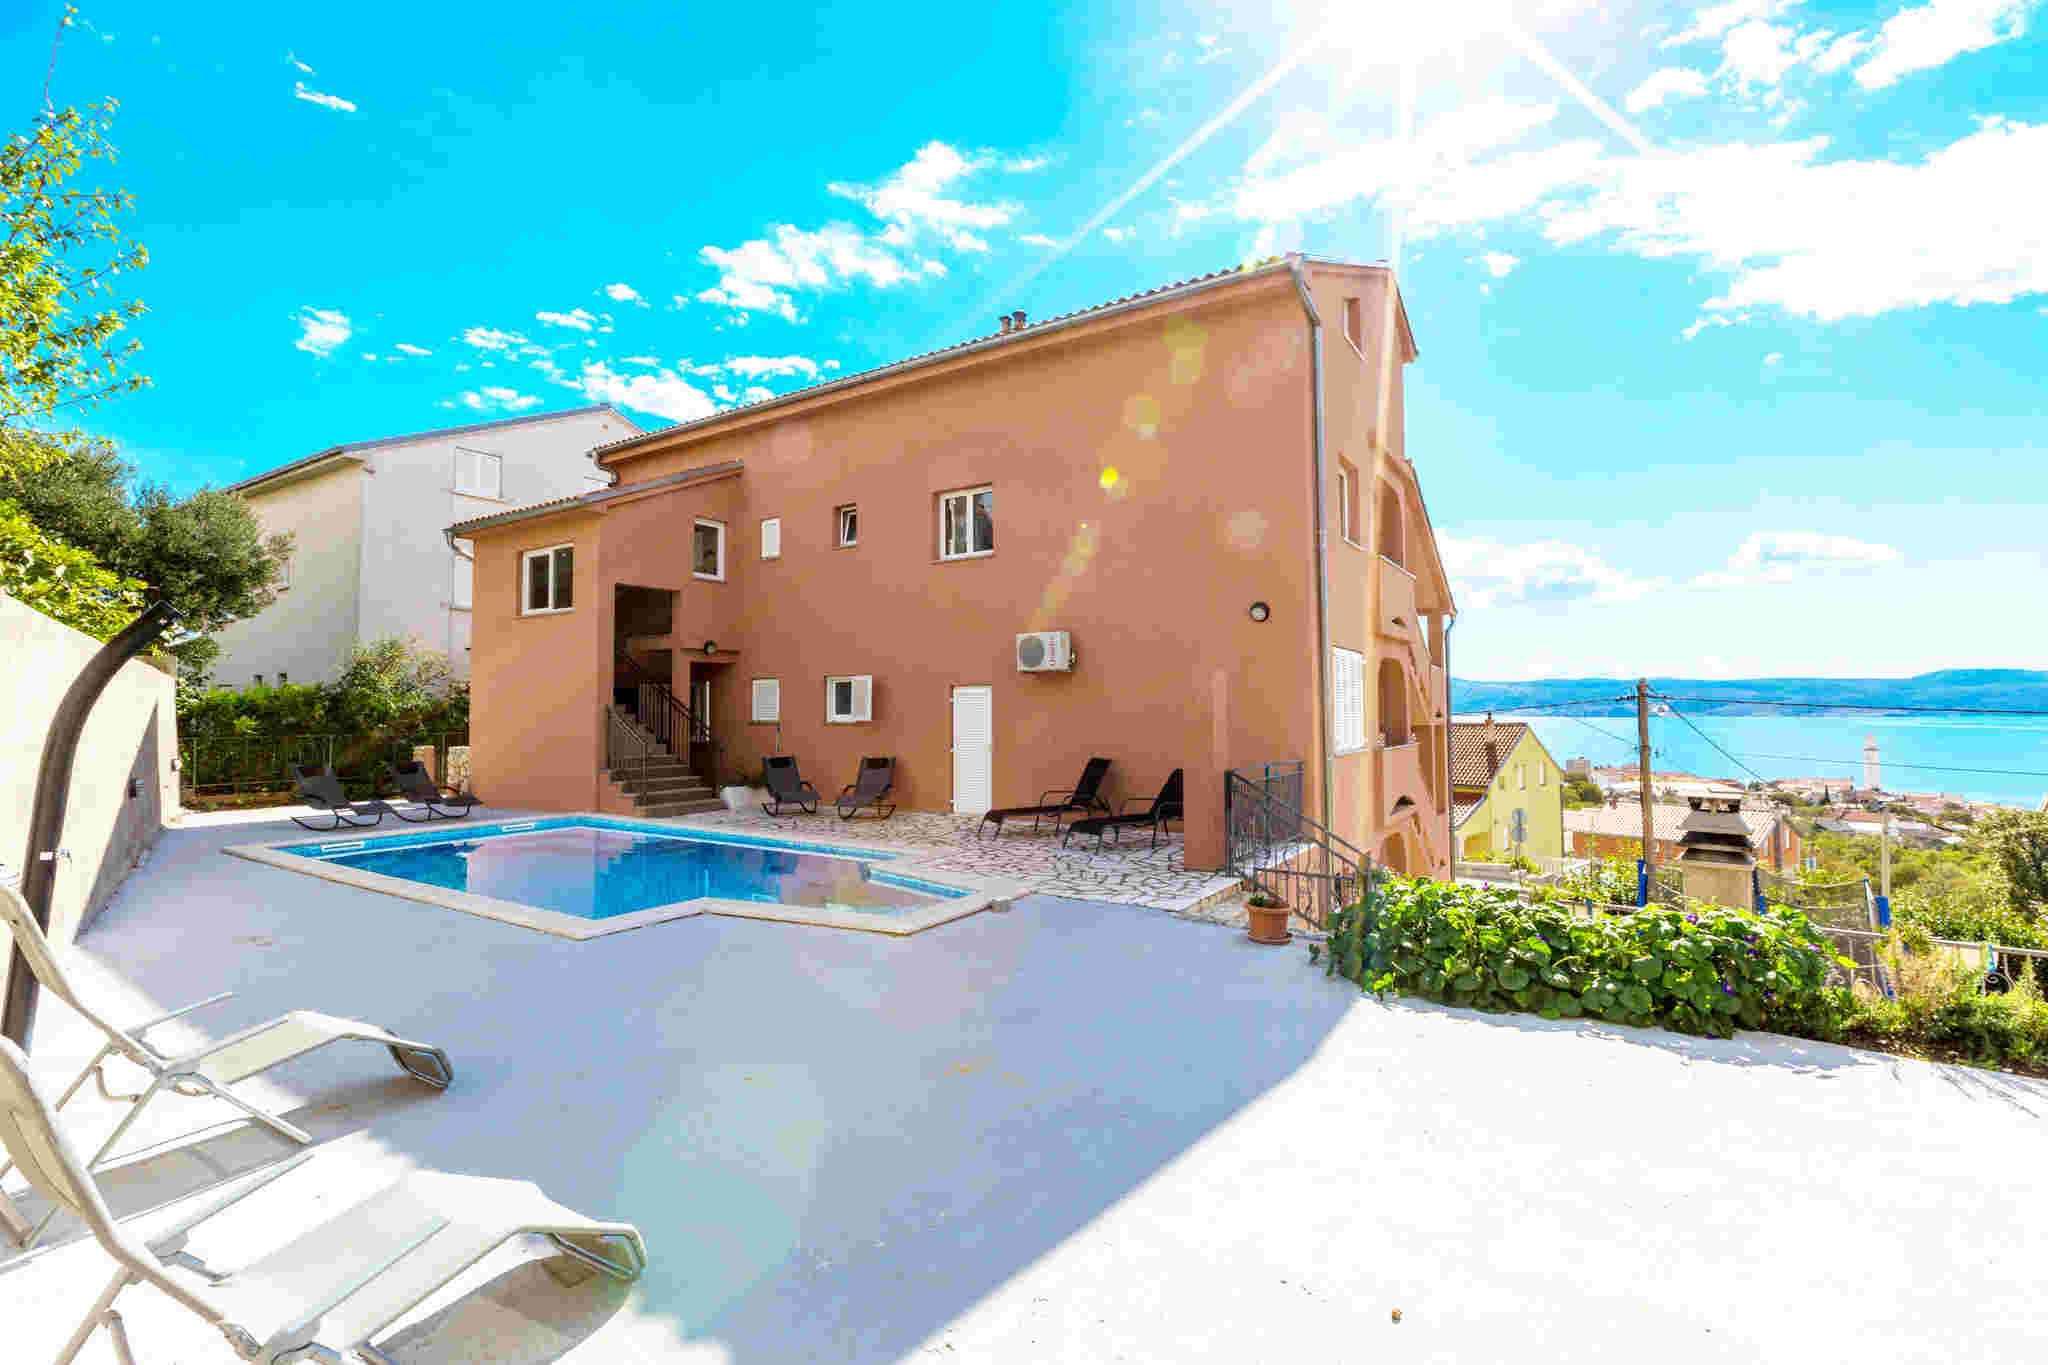 Ferienwohnung Ferienwohnung mit Pool  in Kroatien